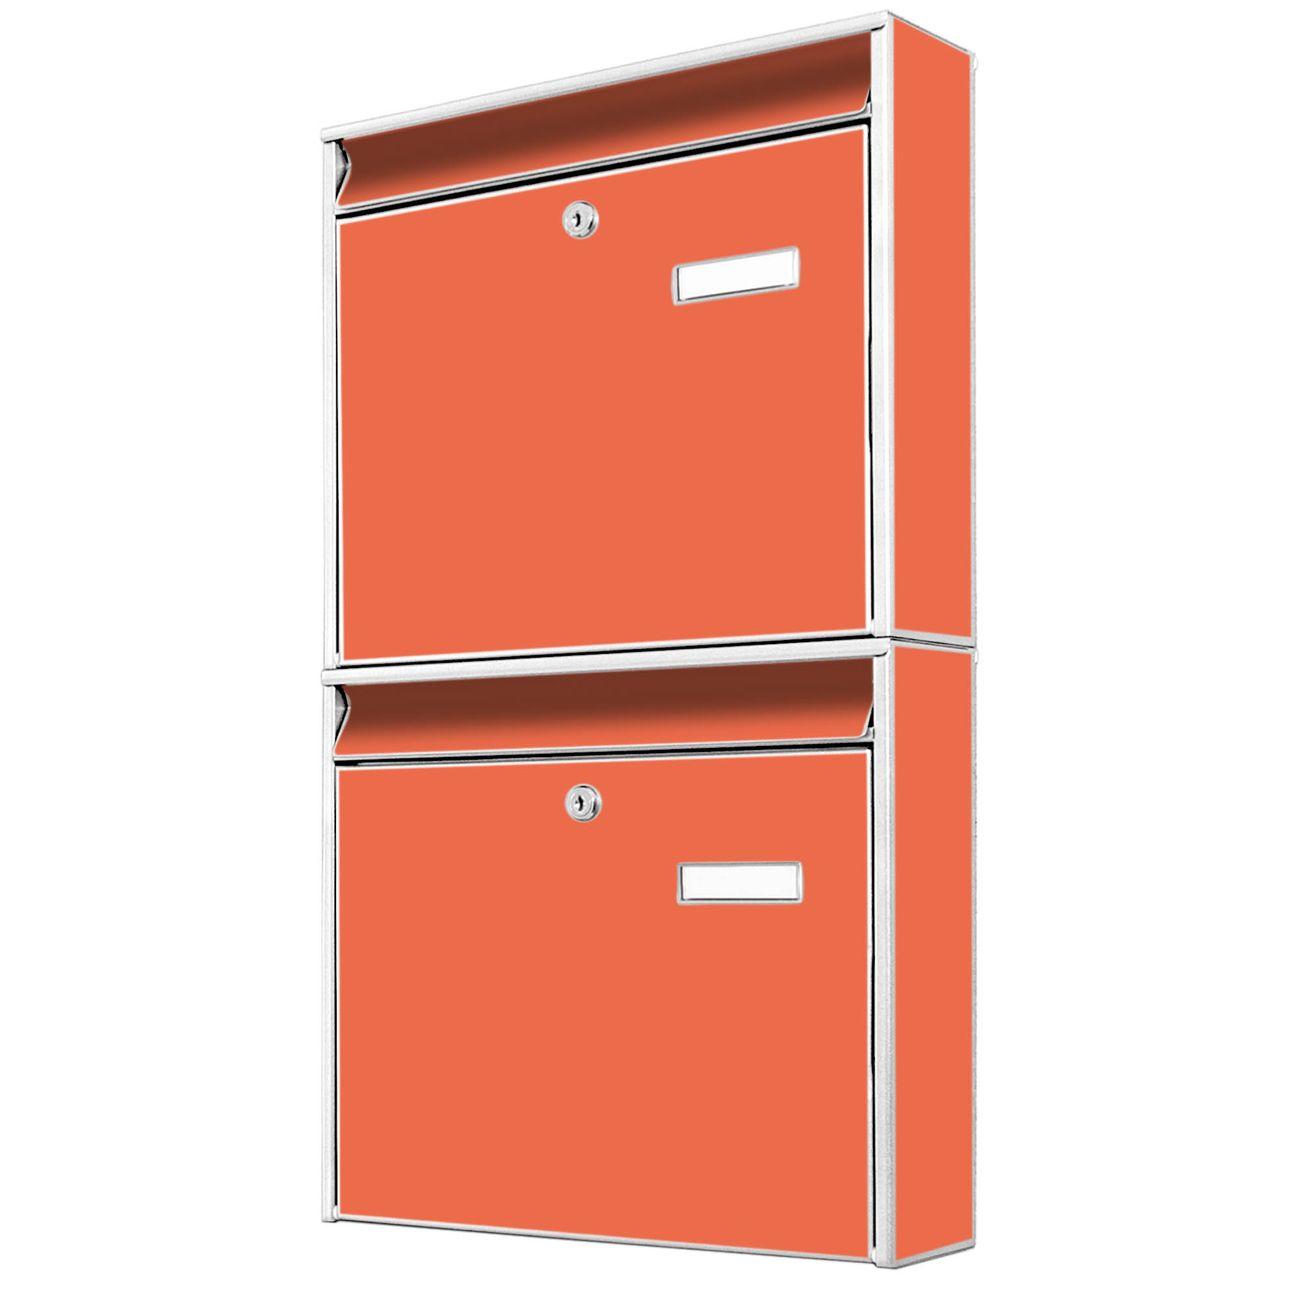 Doppelbriefkasten hoch Orange